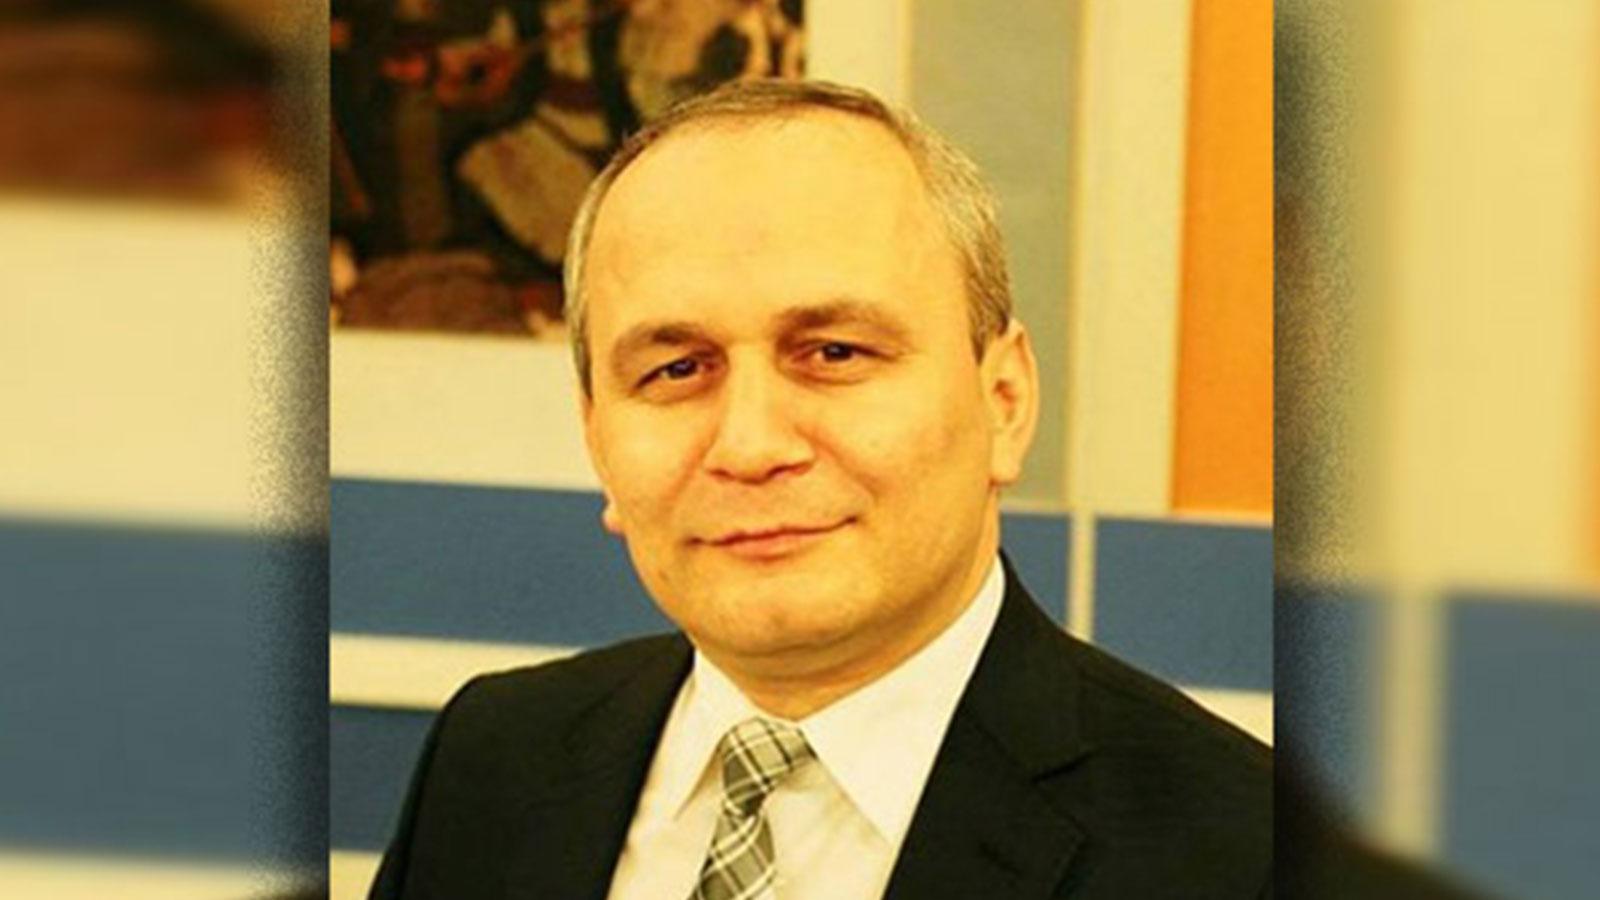 """İlahiyatçı Cemil Kılıç: """"Tarikat ve cemaatler denetlenmeli"""" diyorlar; hayır, kökü kazınmalı"""